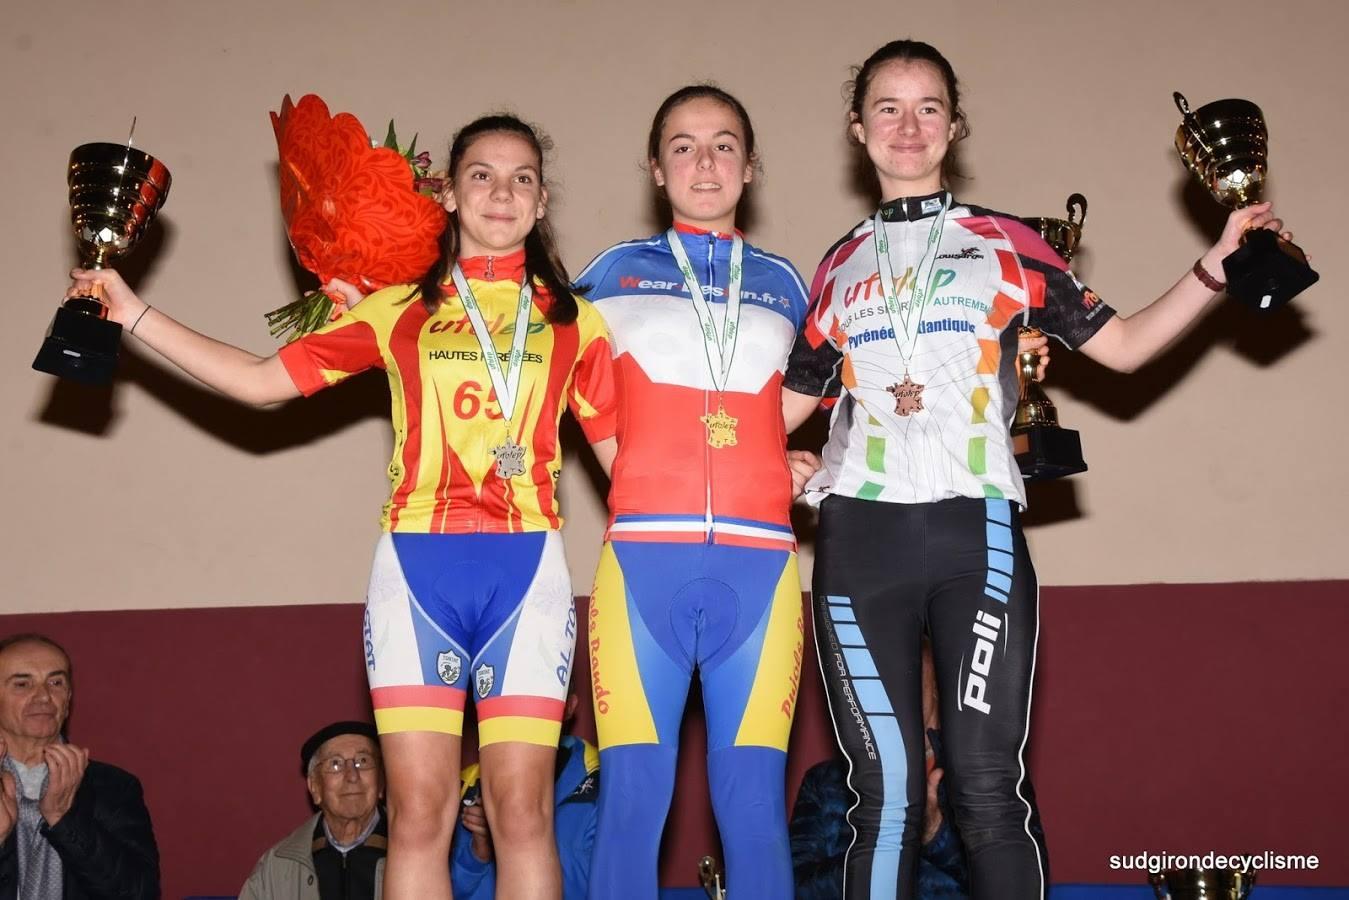 2018-02-04 -15-16 -00 - Eva MULLER Vainqueur.jpg